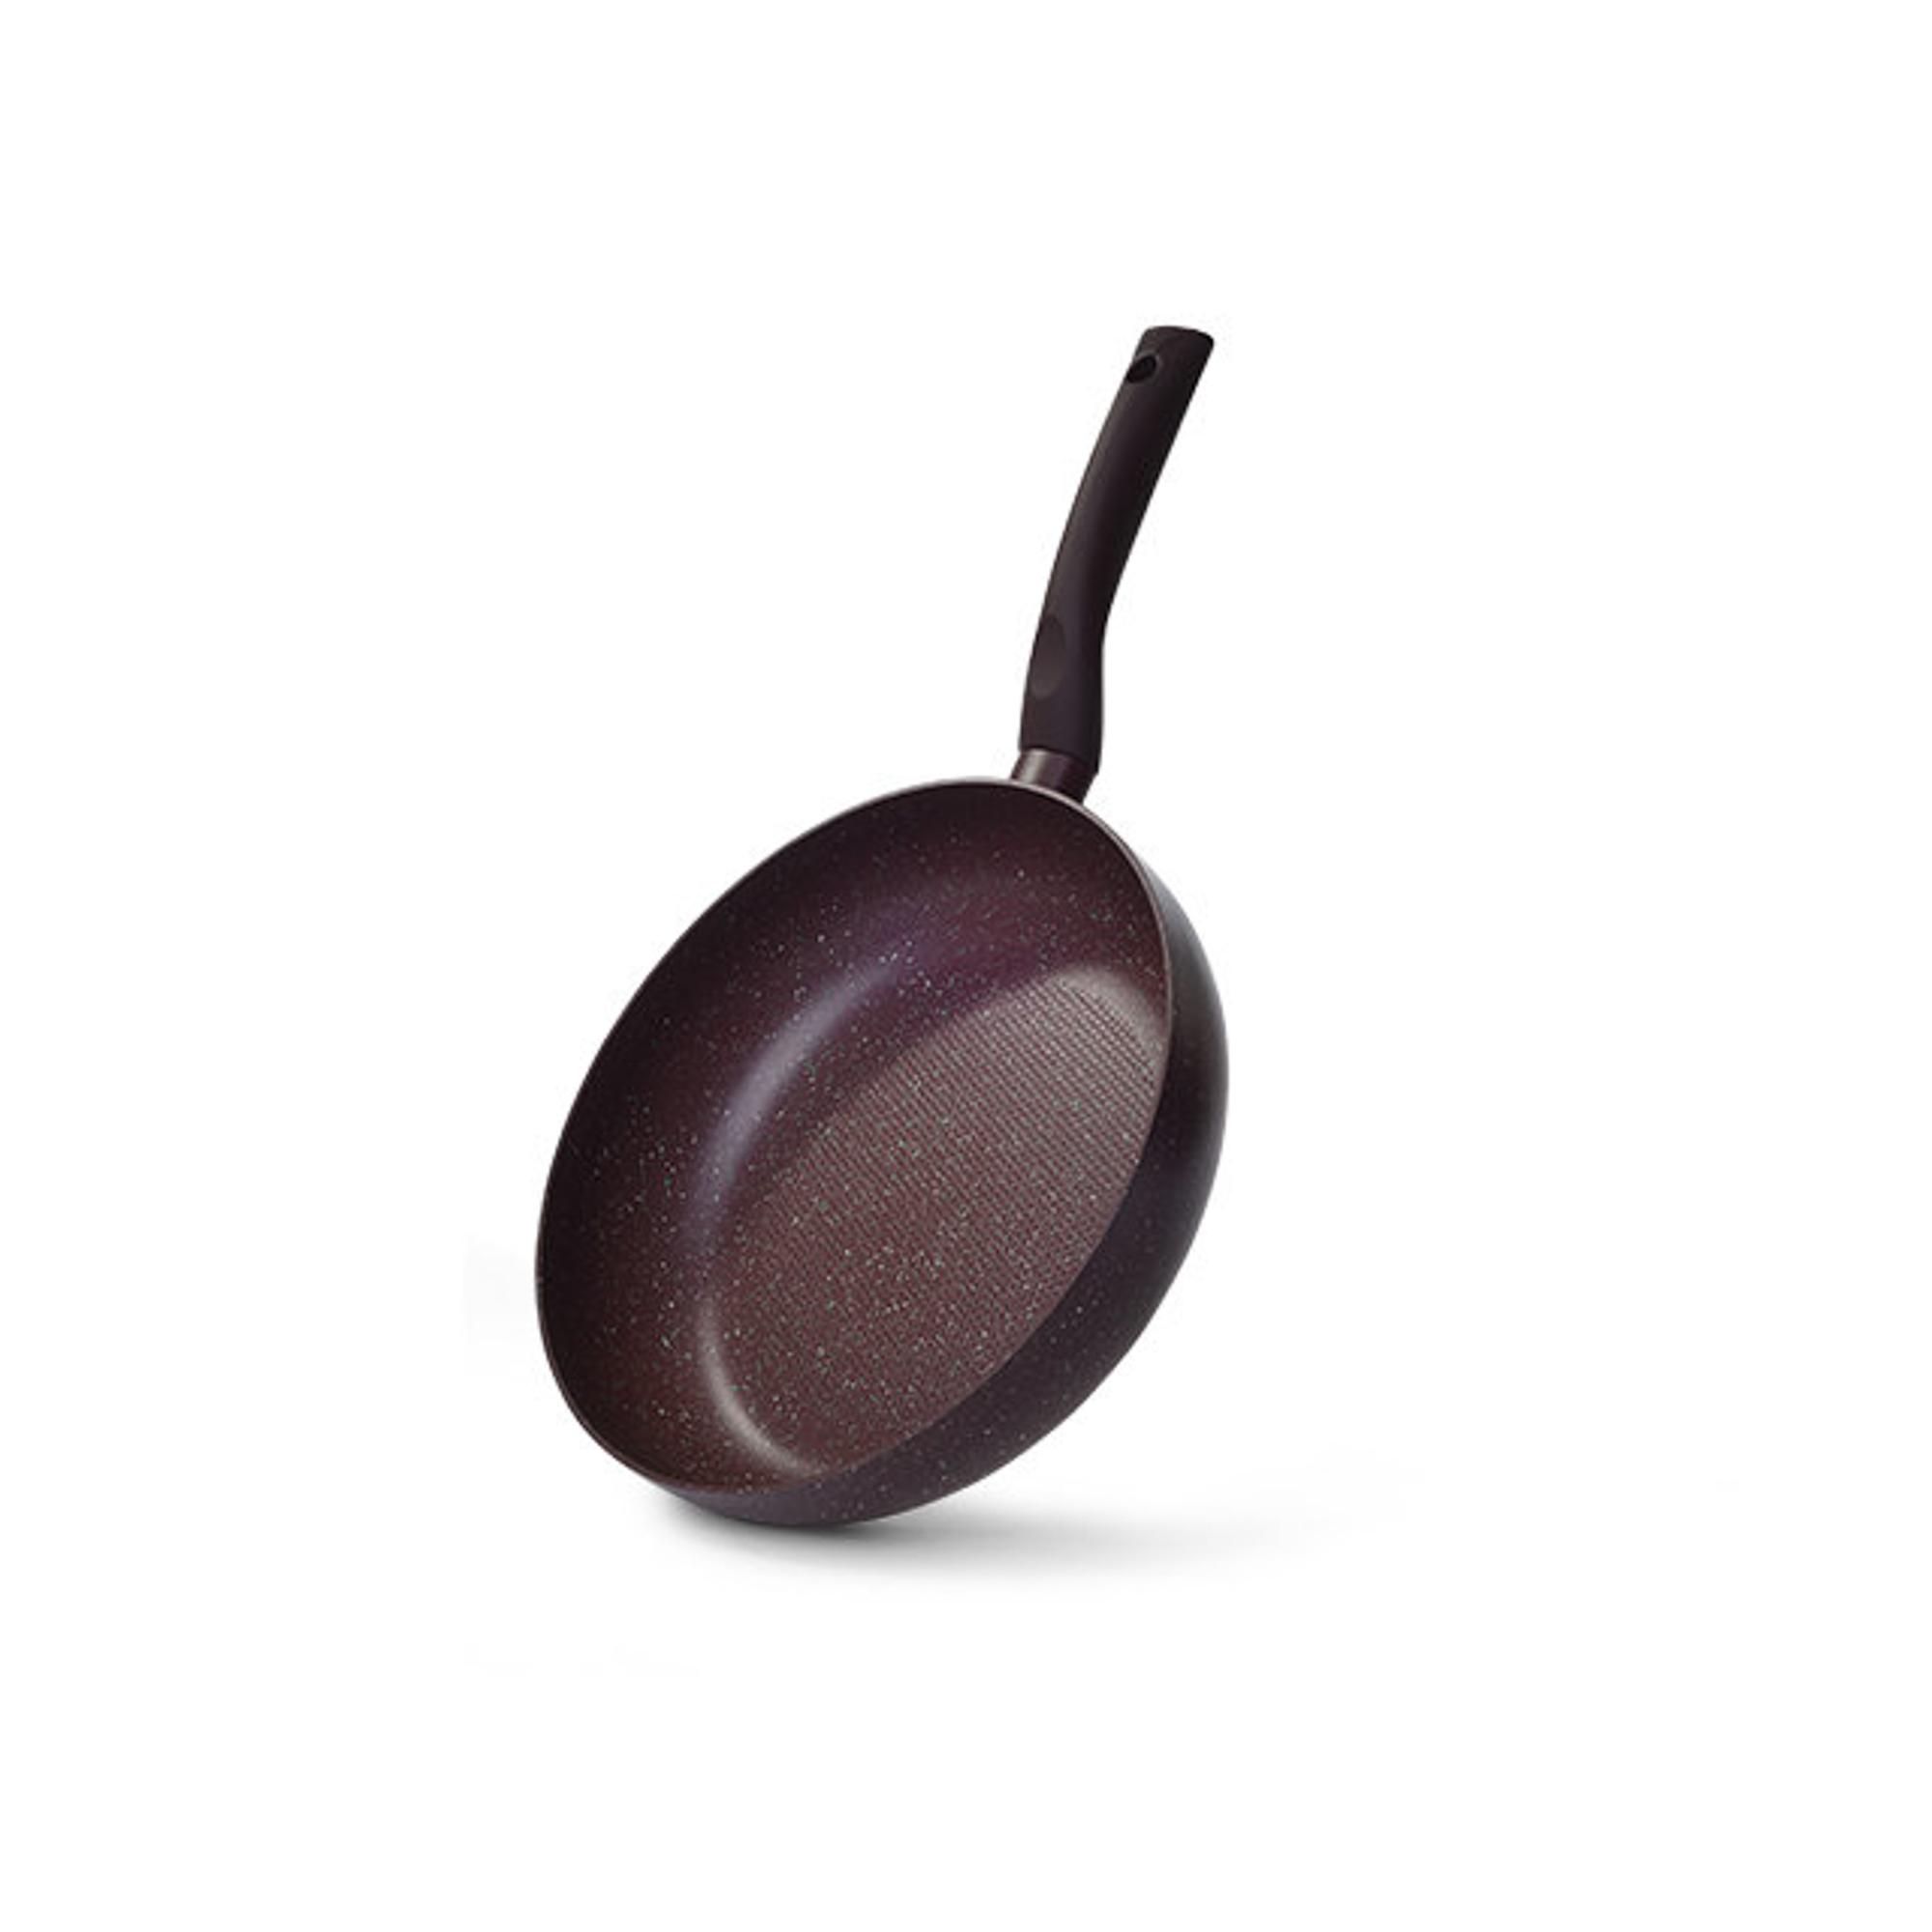 Купить Сковорода глубокая Fissman Mosses Stone 20 см, Дания, коричневый